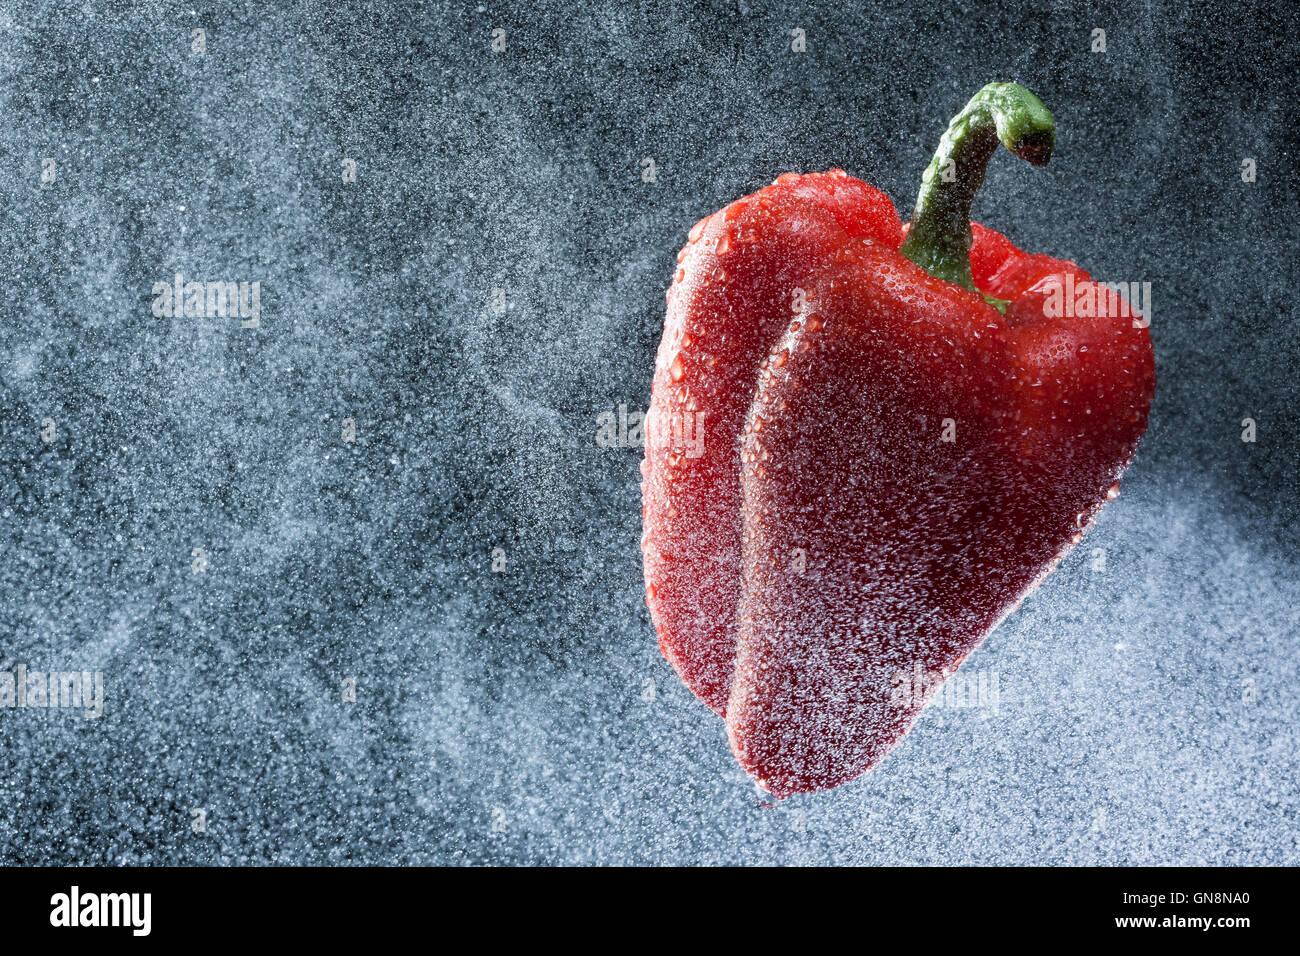 Pimiento rojo en un spray contra un fondo negro. Una serie de frutas y verduras en movimiento. Foto de stock